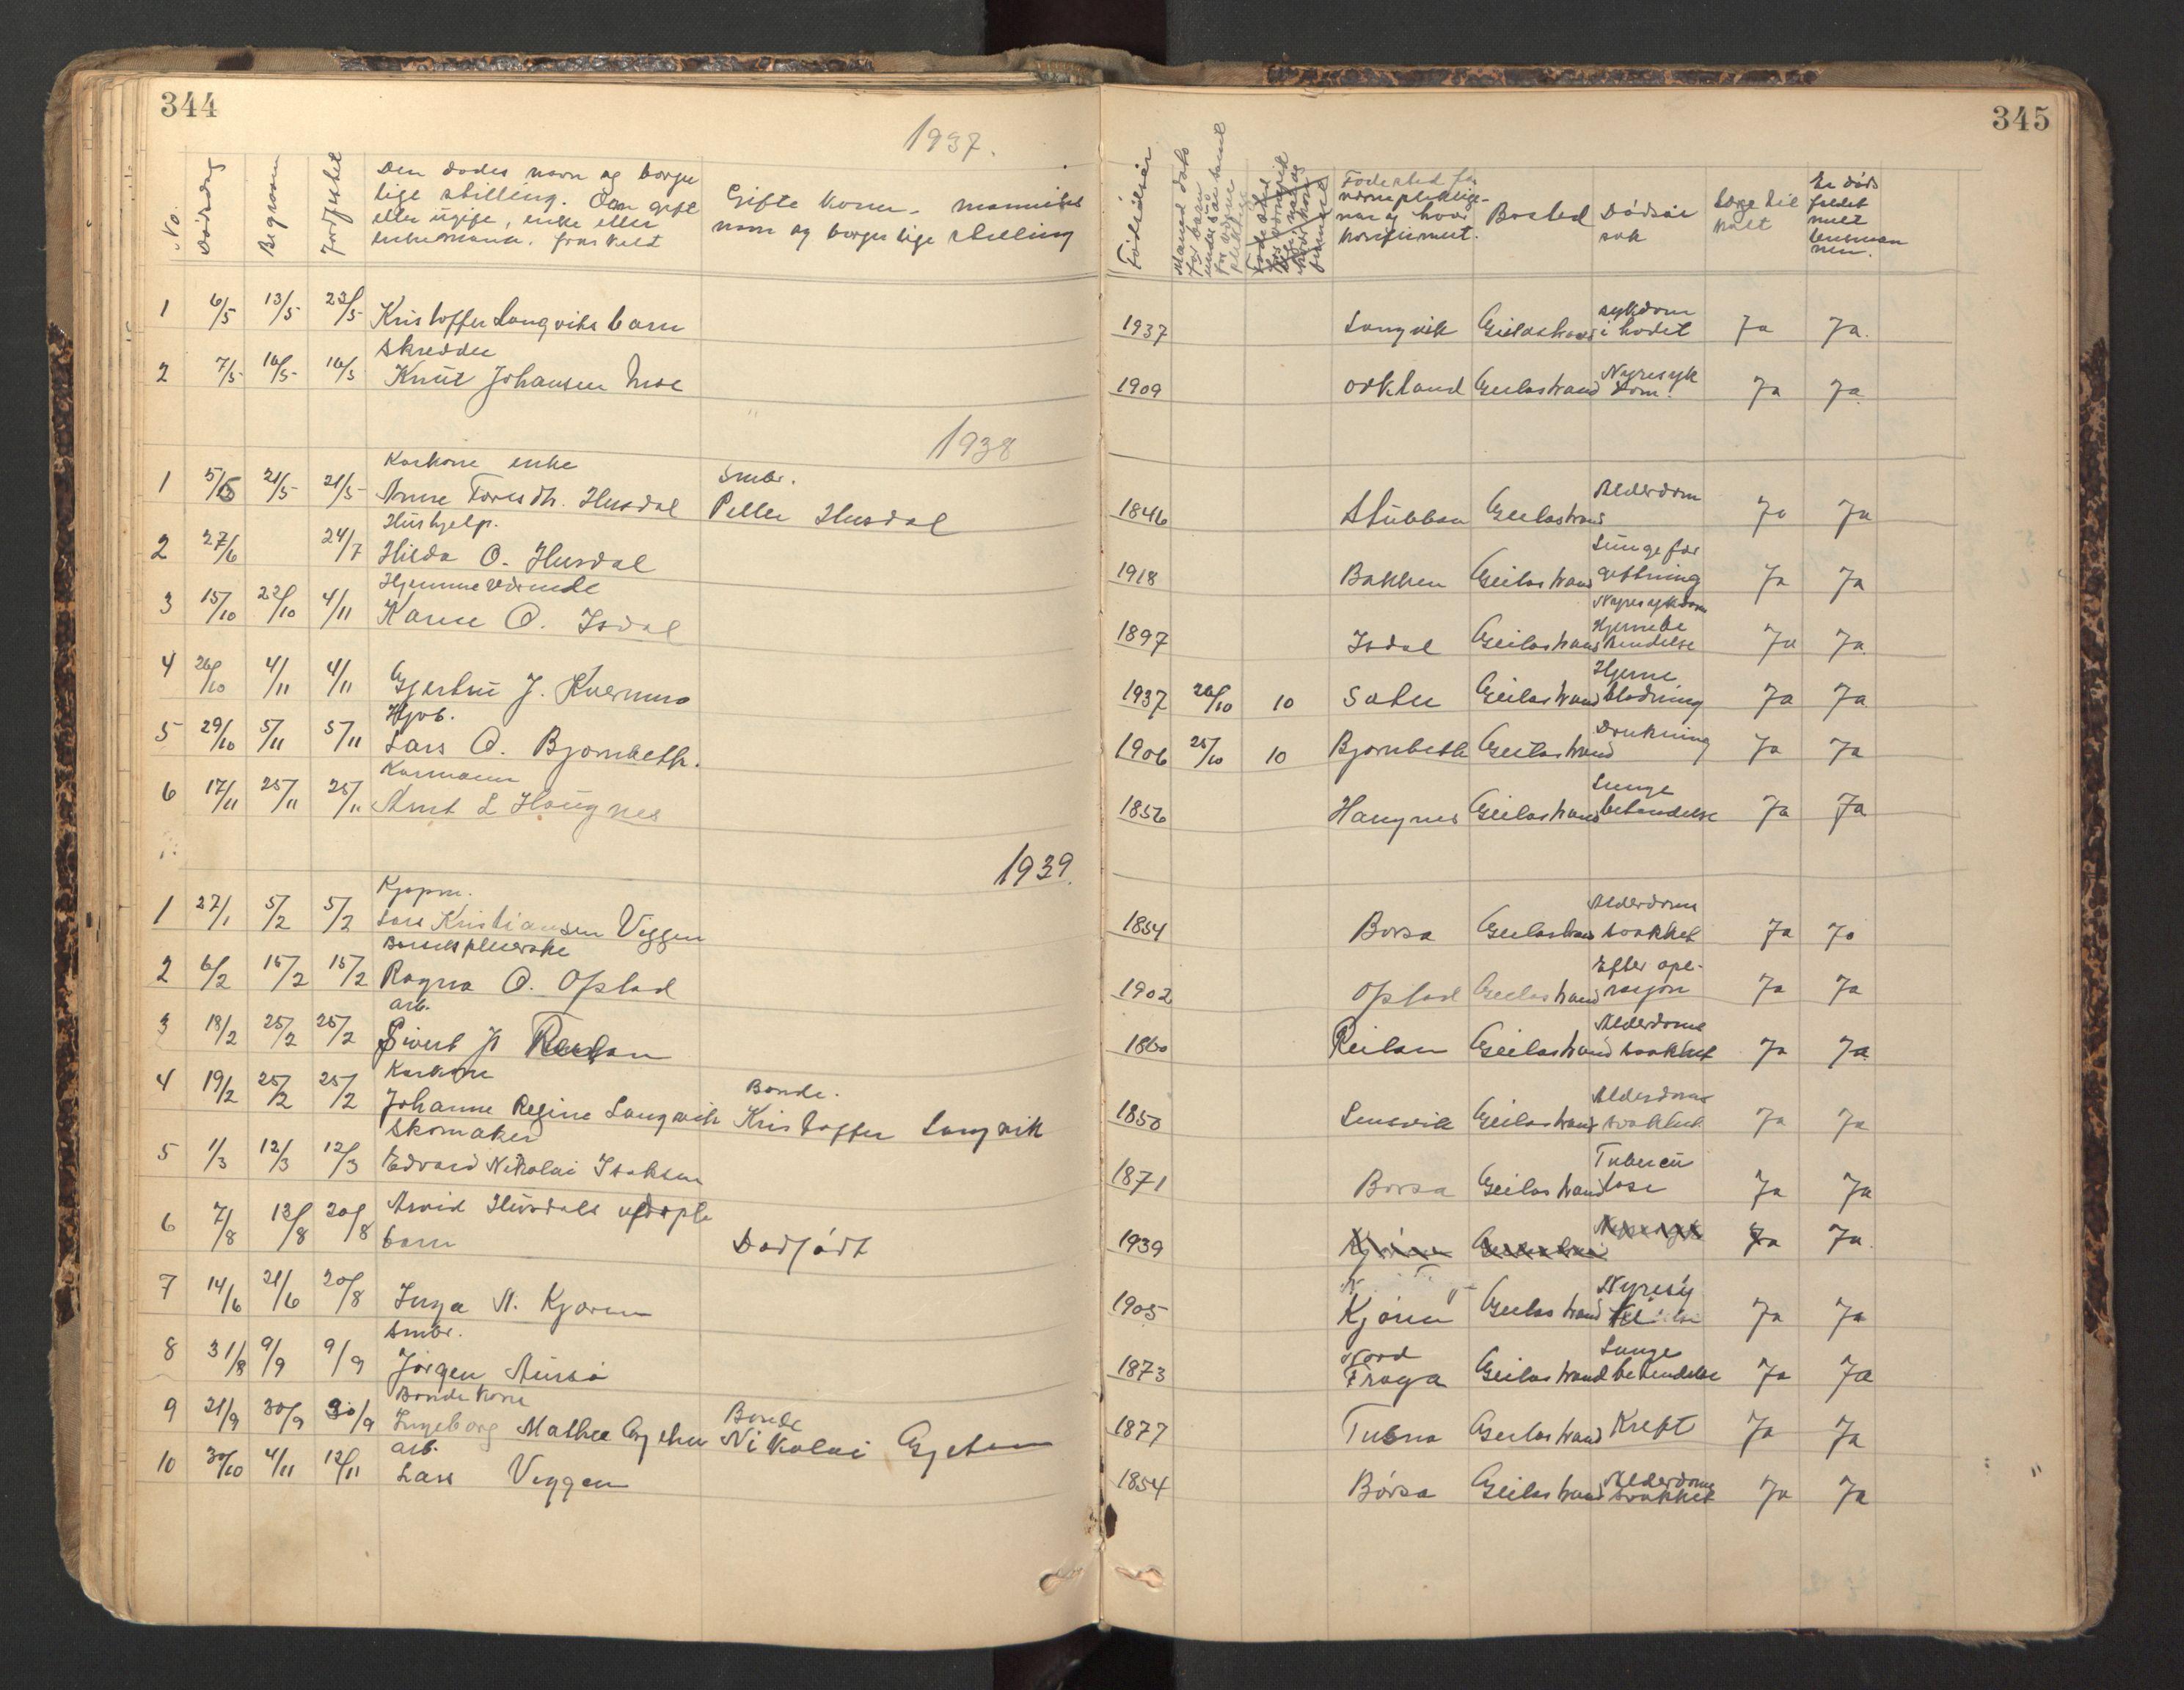 SAT, Ministerialprotokoller, klokkerbøker og fødselsregistre - Sør-Trøndelag, 670/L0837: Klokkerbok nr. 670C01, 1905-1946, s. 344-345